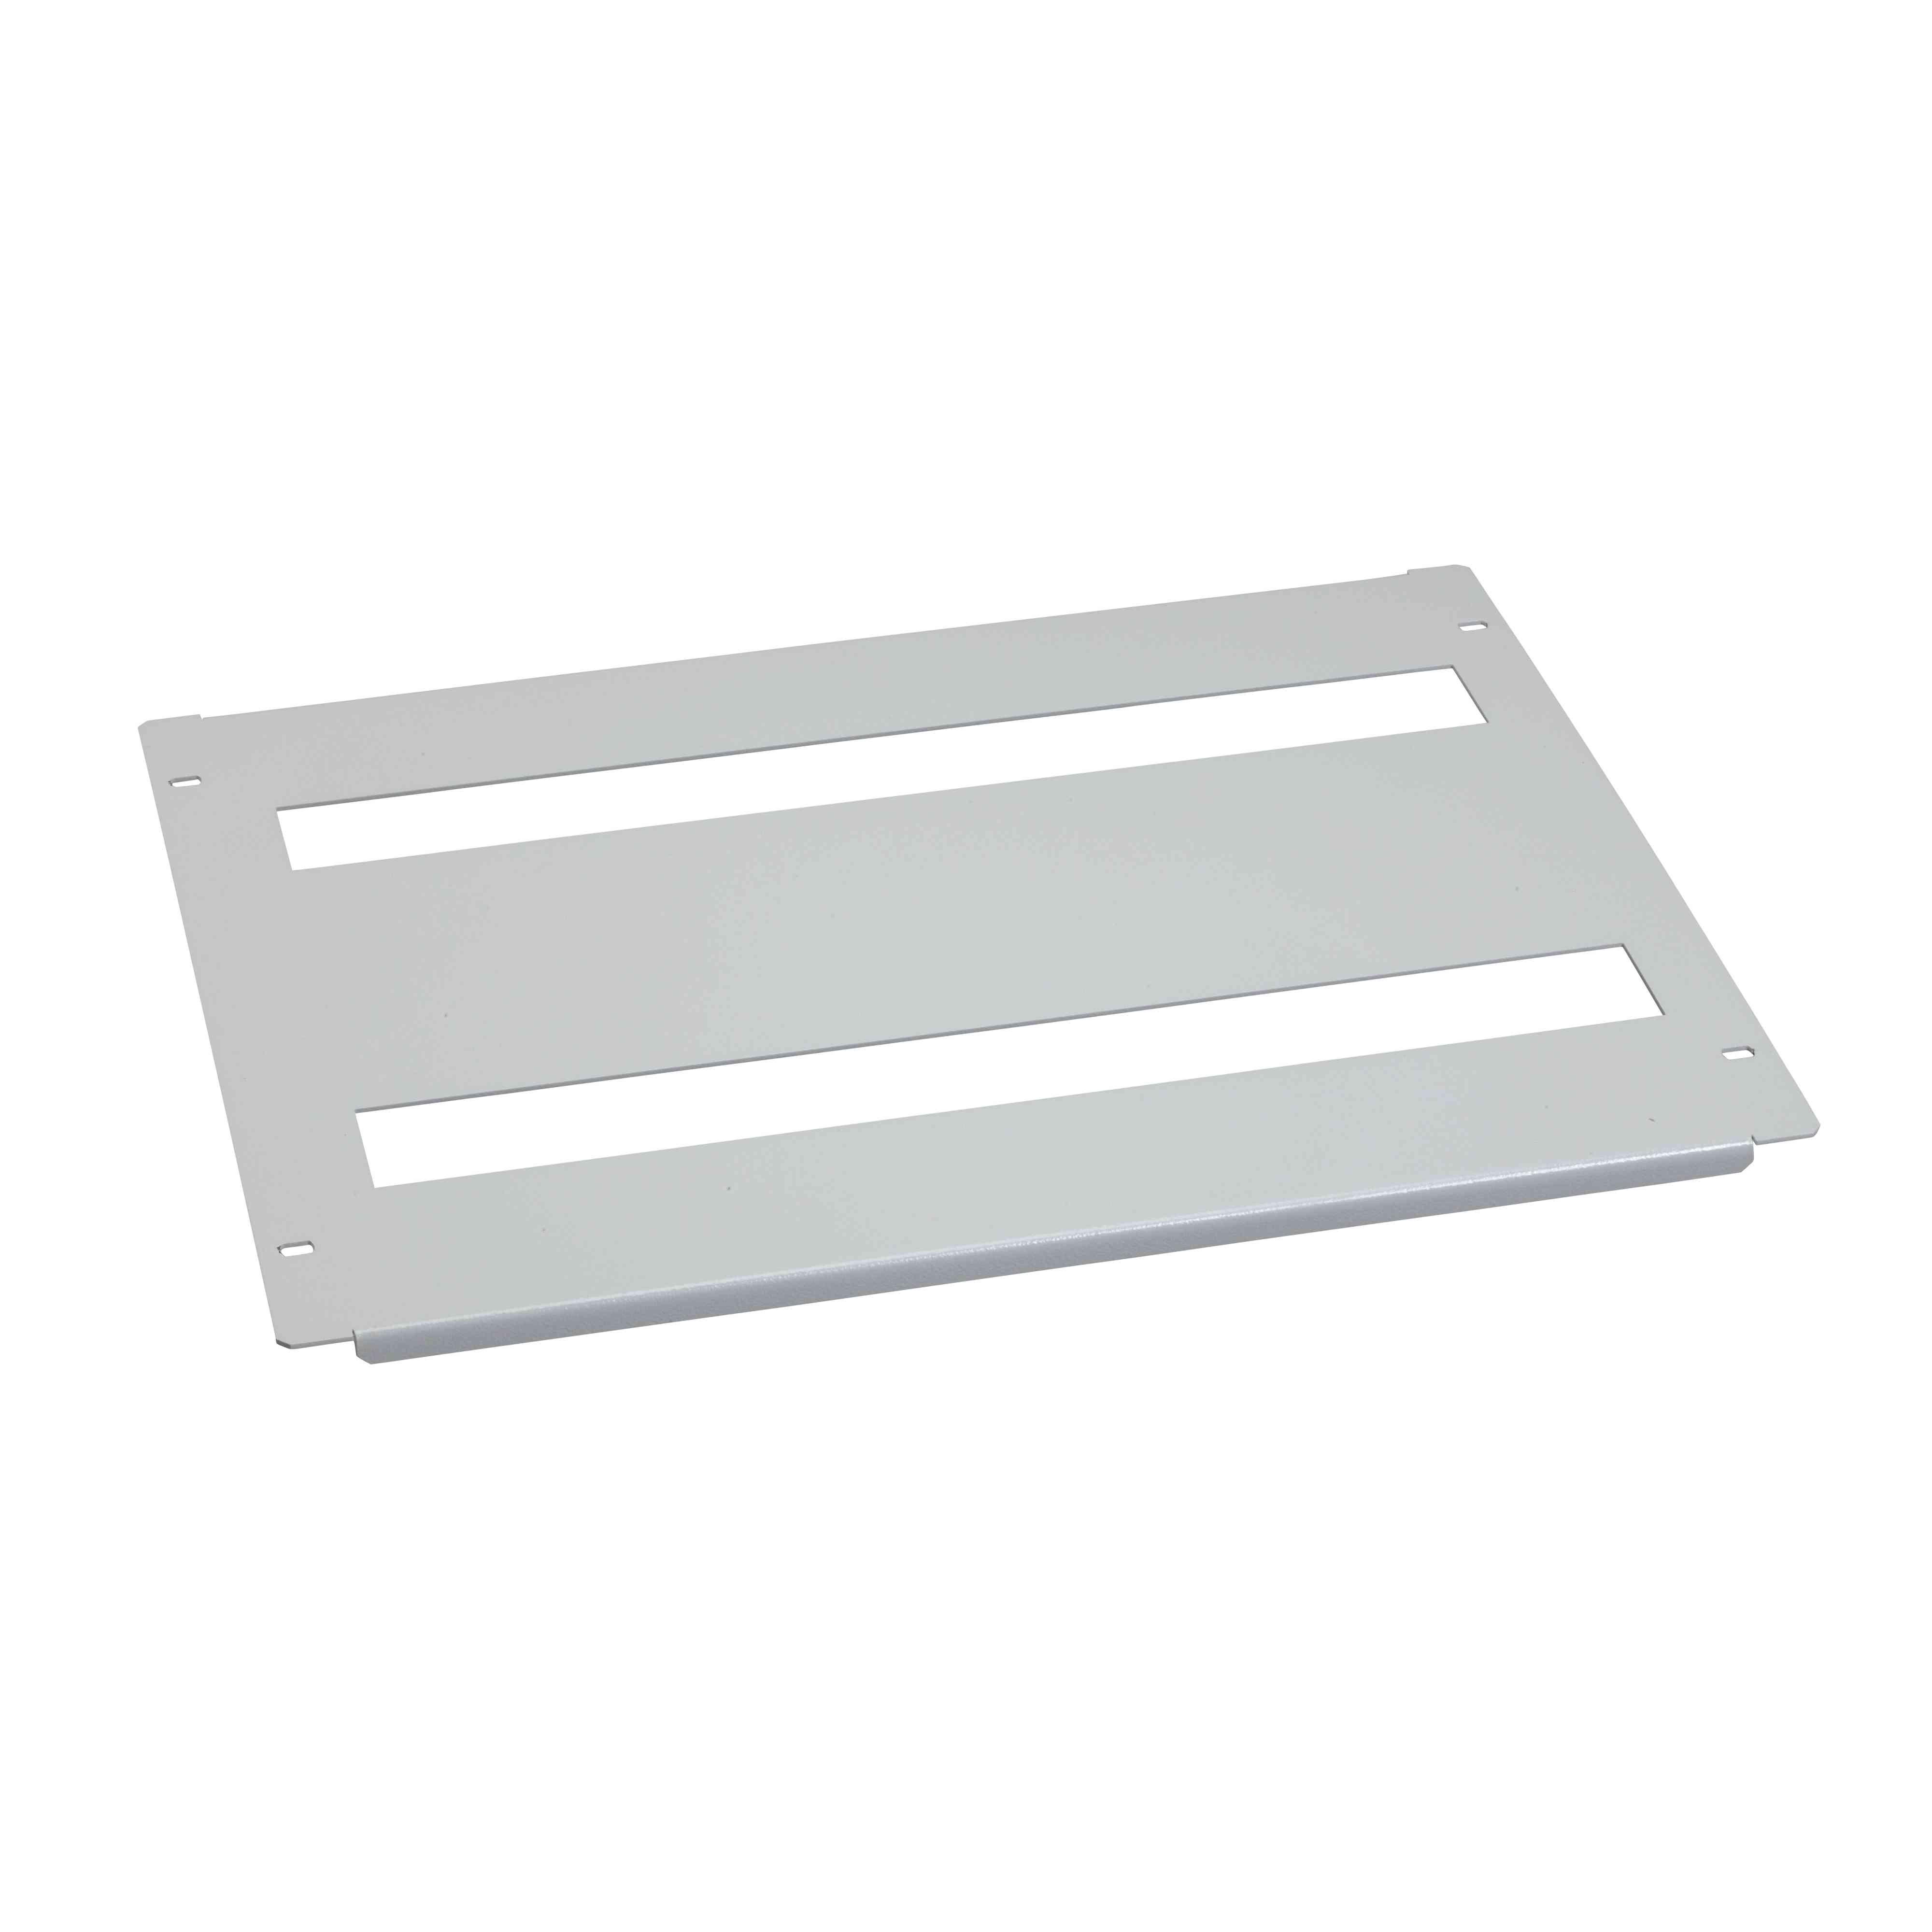 Izrezana pokrivna plošča Spacial SF/SM - 150 x 800 mm - pritrditev z vijaki